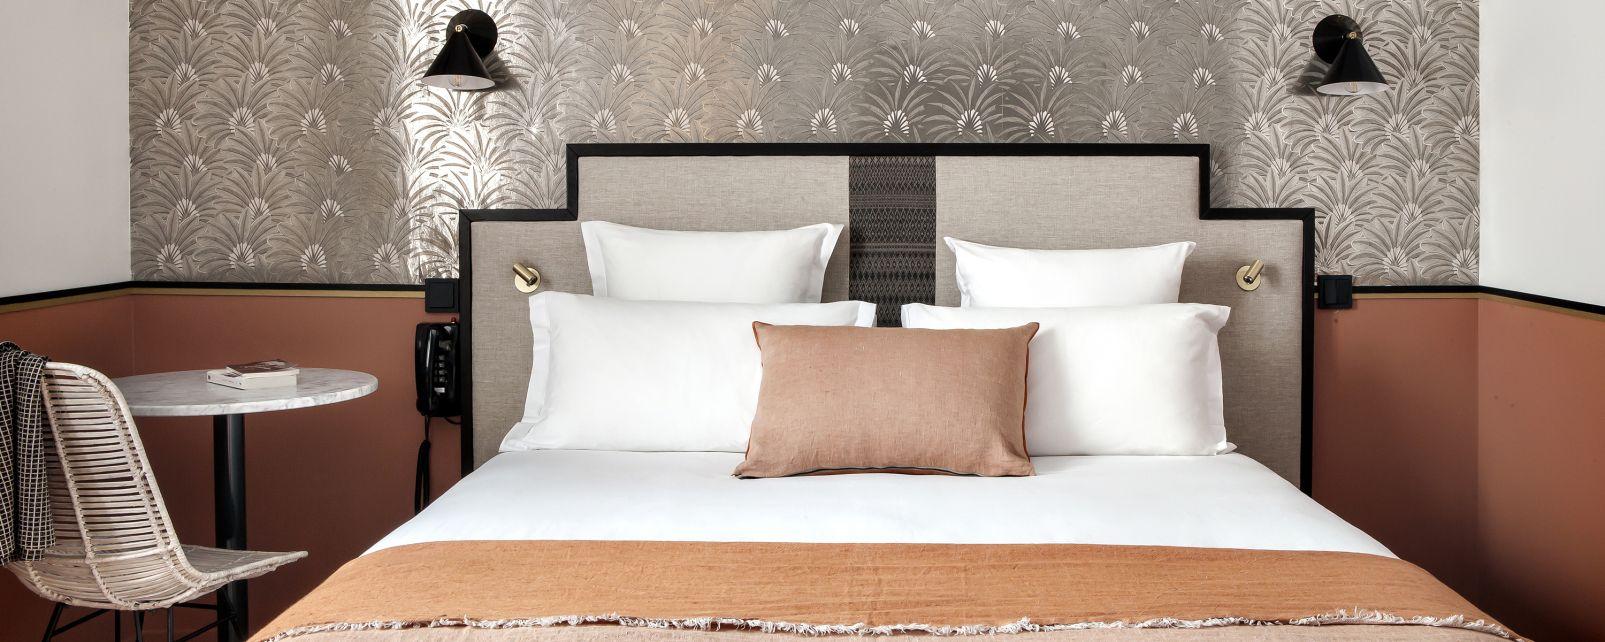 Hotel Doisy